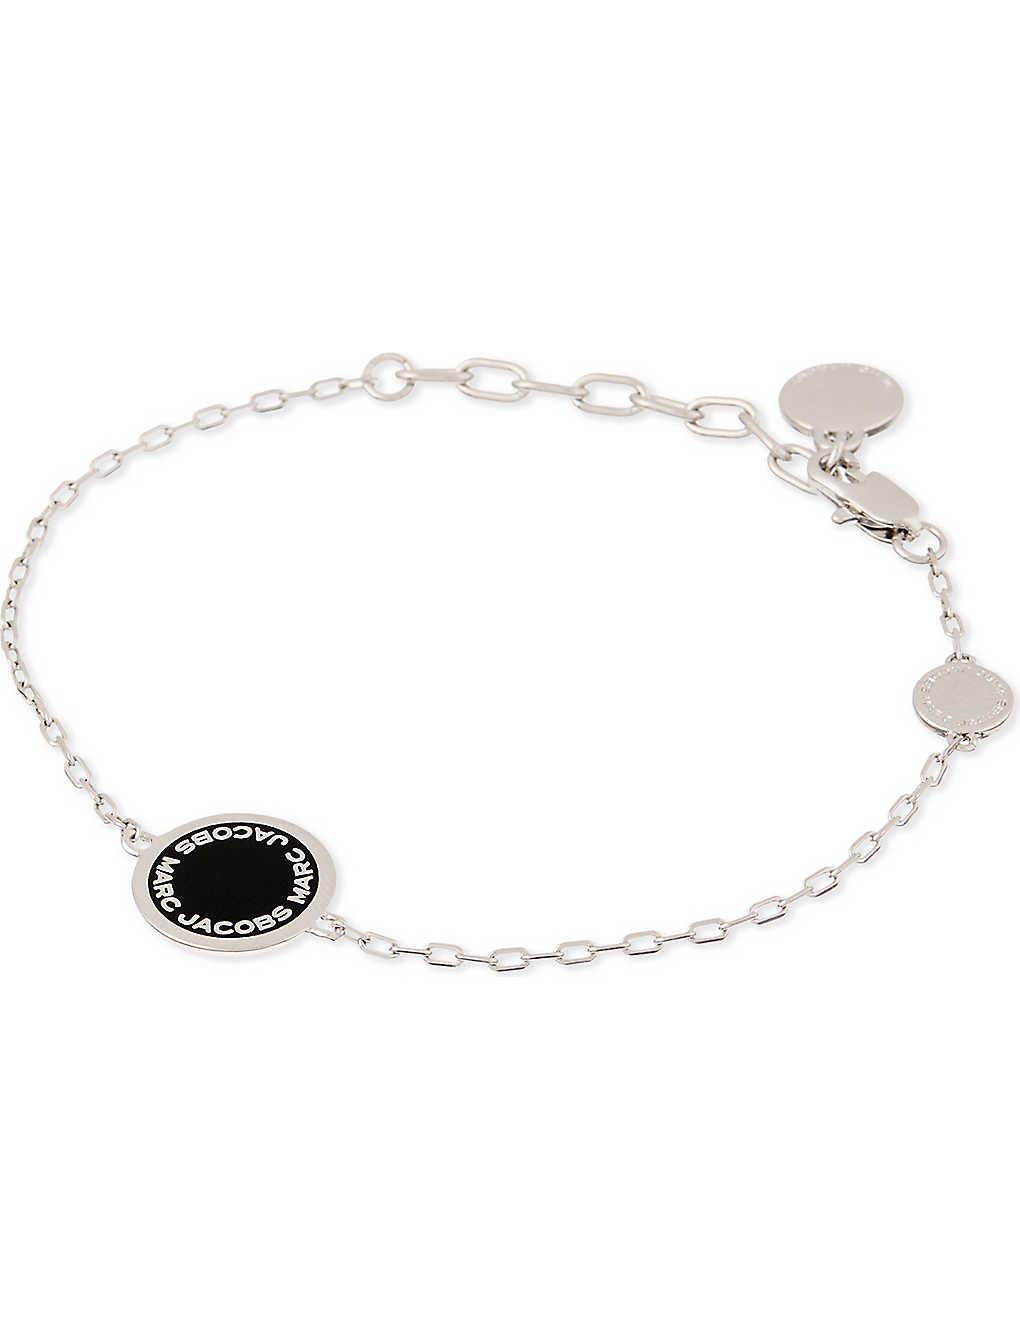 f7021c0d6fff2 MARC JACOBS - Logo pendant bracelet | Selfridges.com